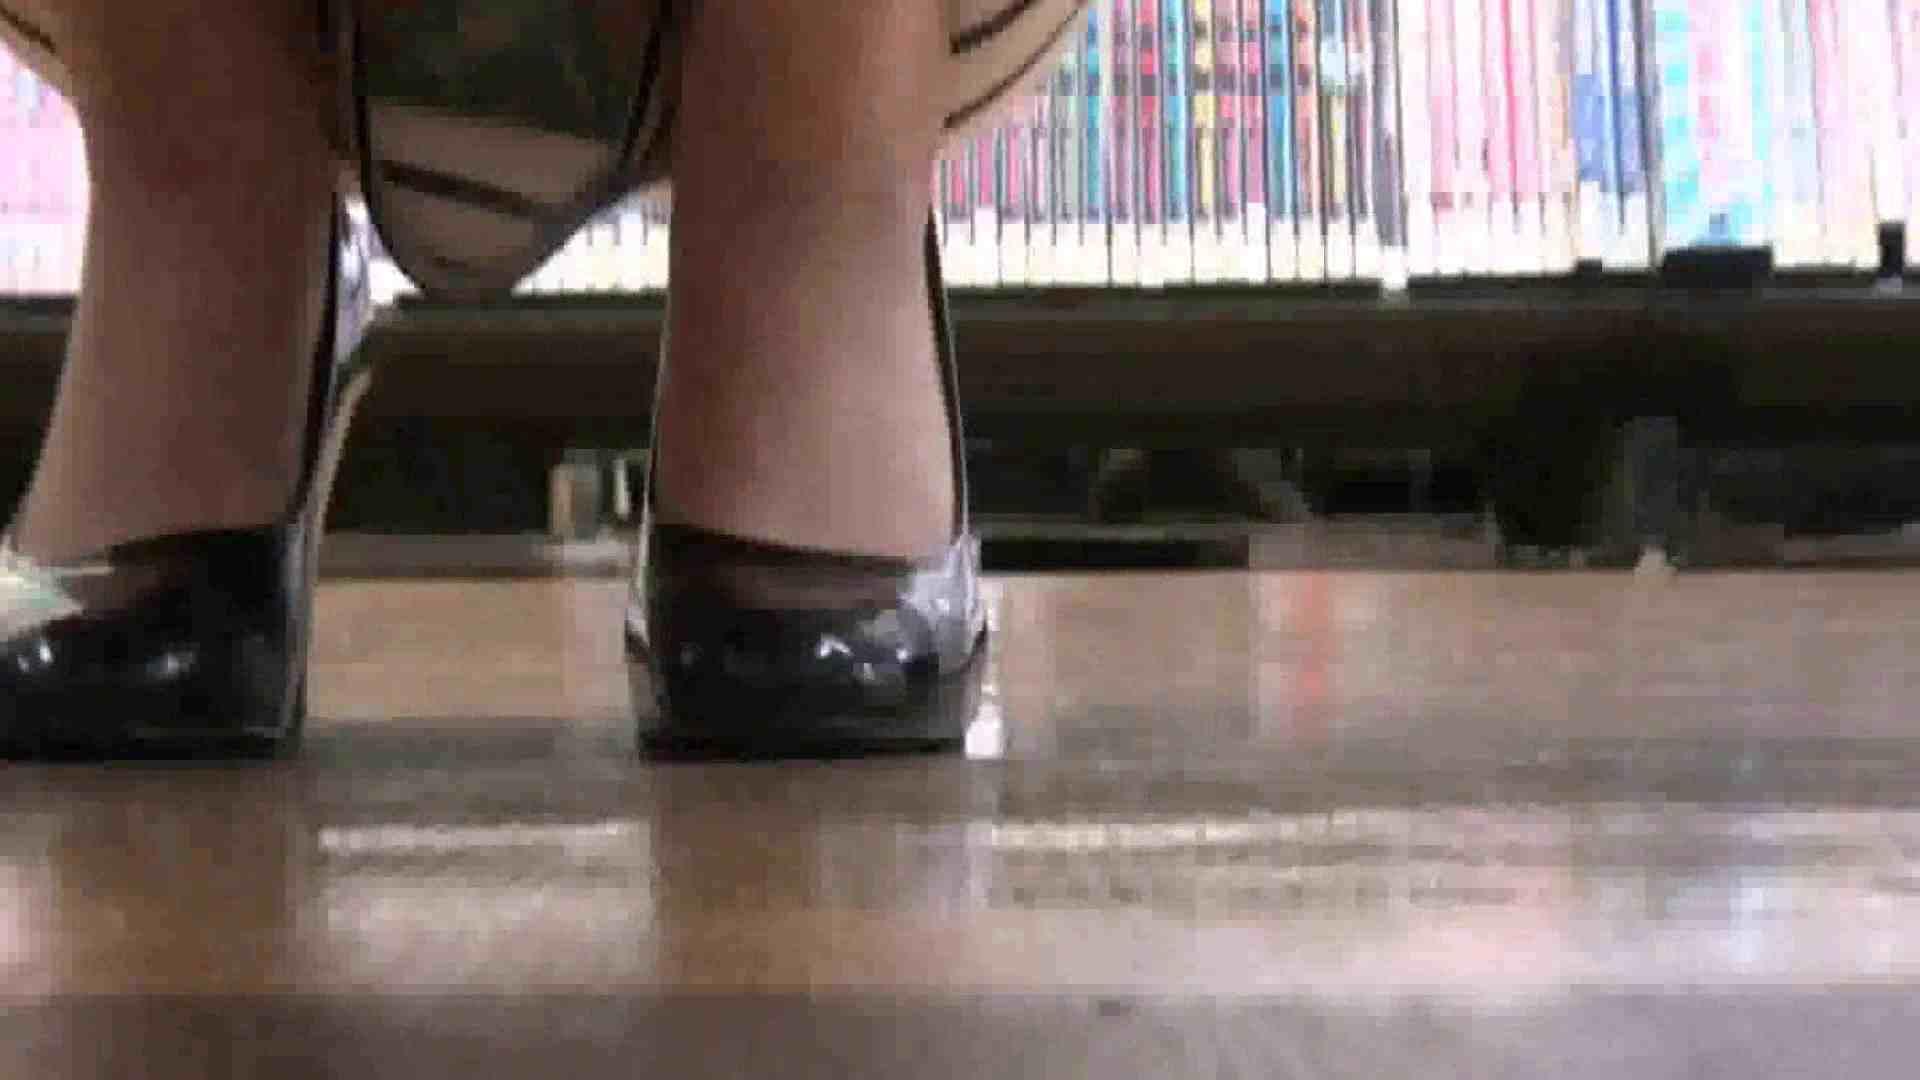 真剣に買い物中のgal達を上から下から狙います。vol.01 すけべなOL | JK  89画像 73